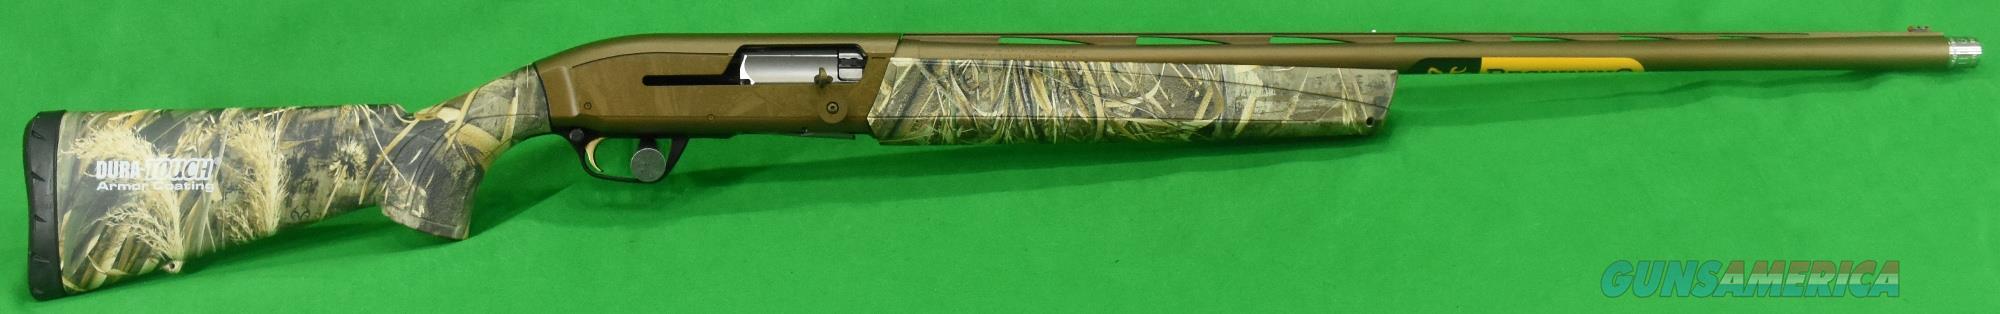 Maxus Wicked Wing Max5 12Ga 28-3.5In 011671204  Guns > Shotguns > Browning Shotguns > Autoloaders > Hunting